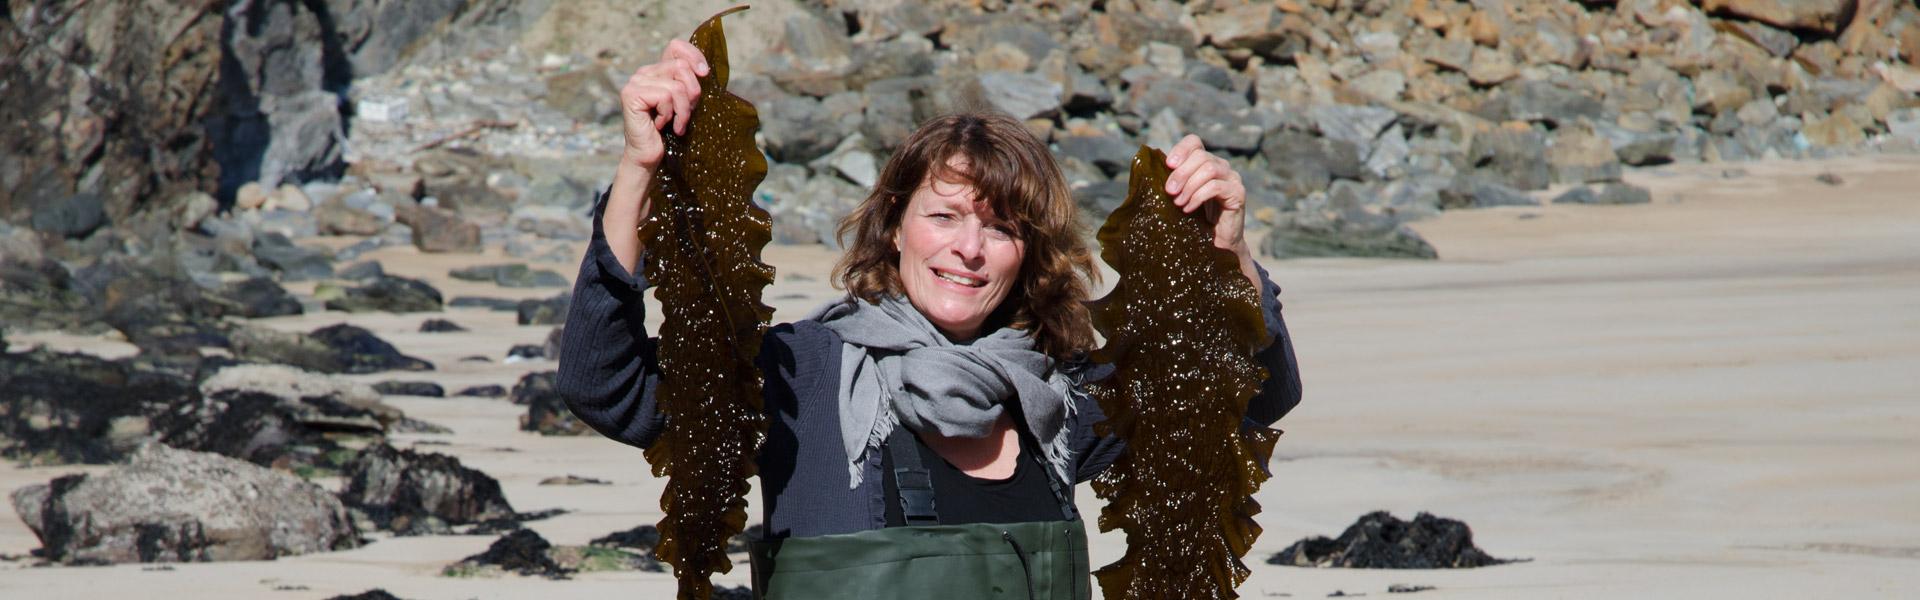 Meeresalgen Harvesting